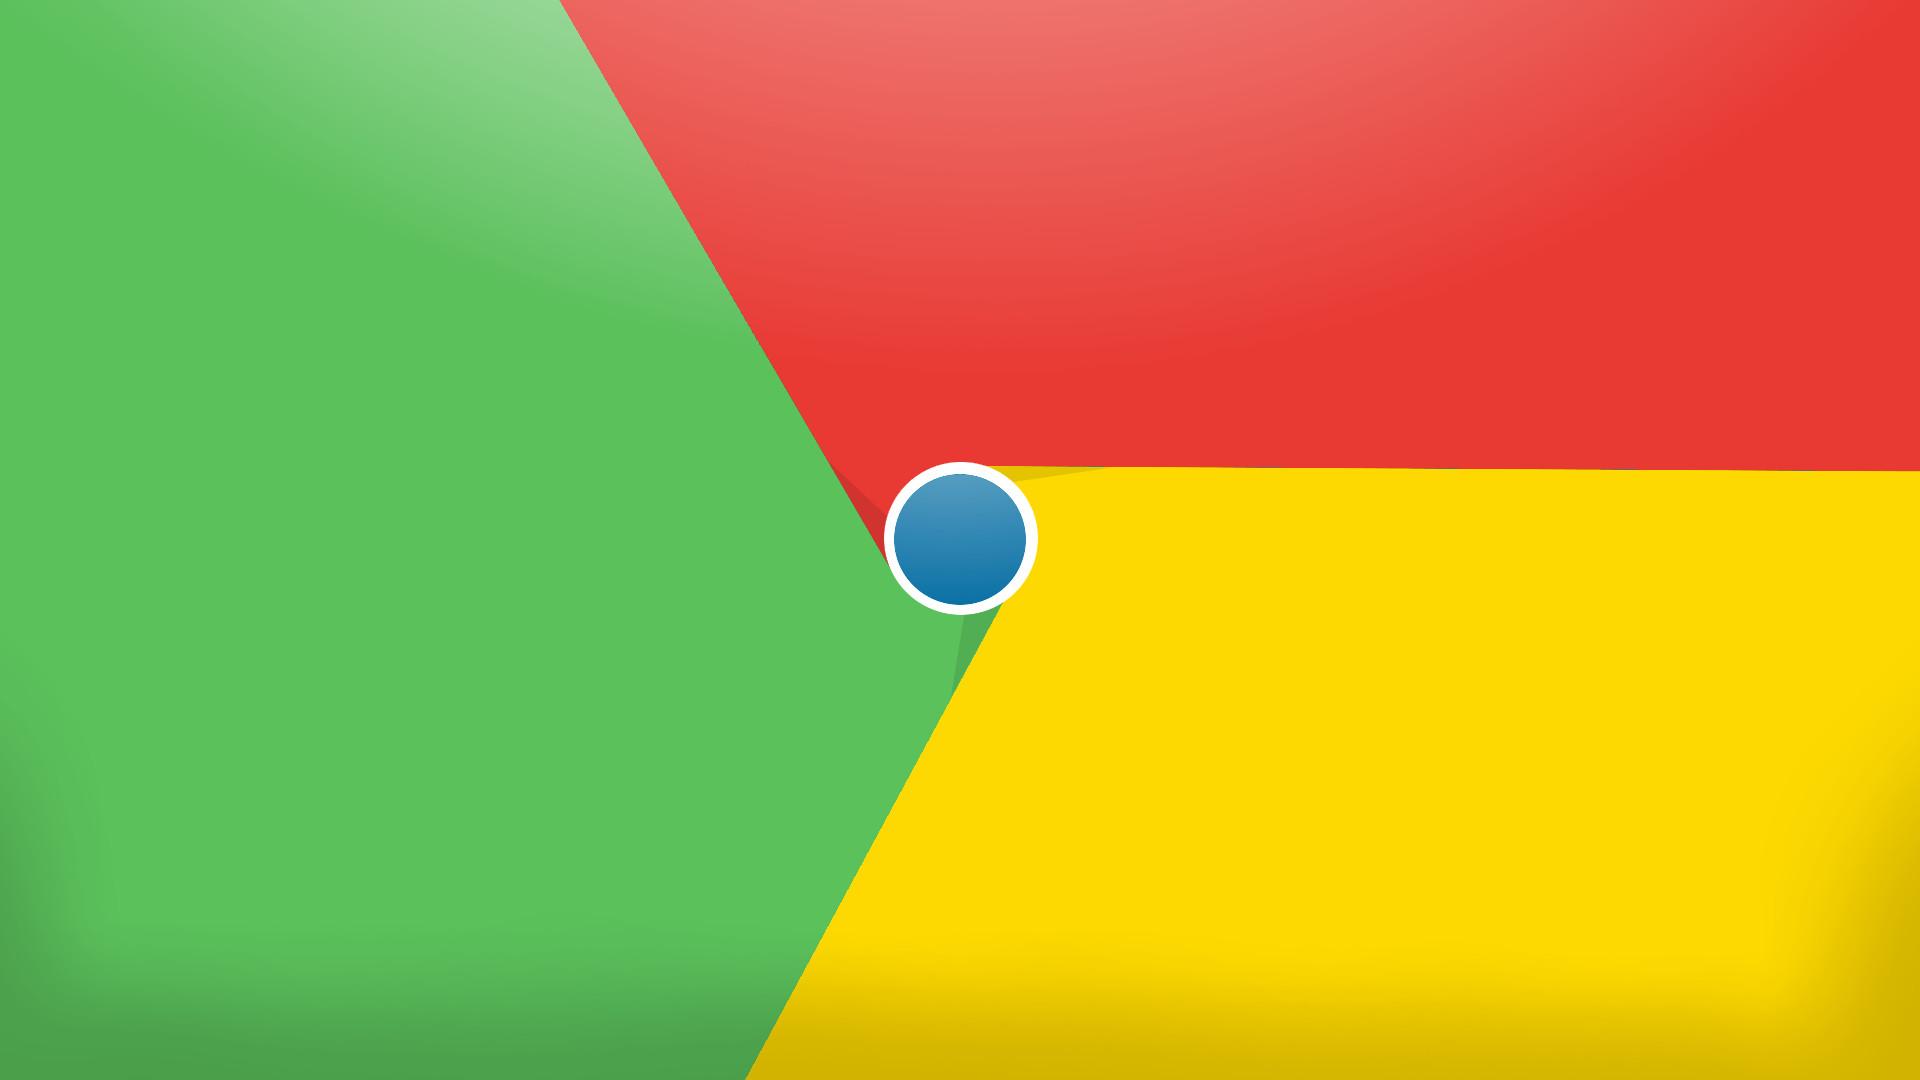 Google Desktop Backgrounds 50 images 1920x1080